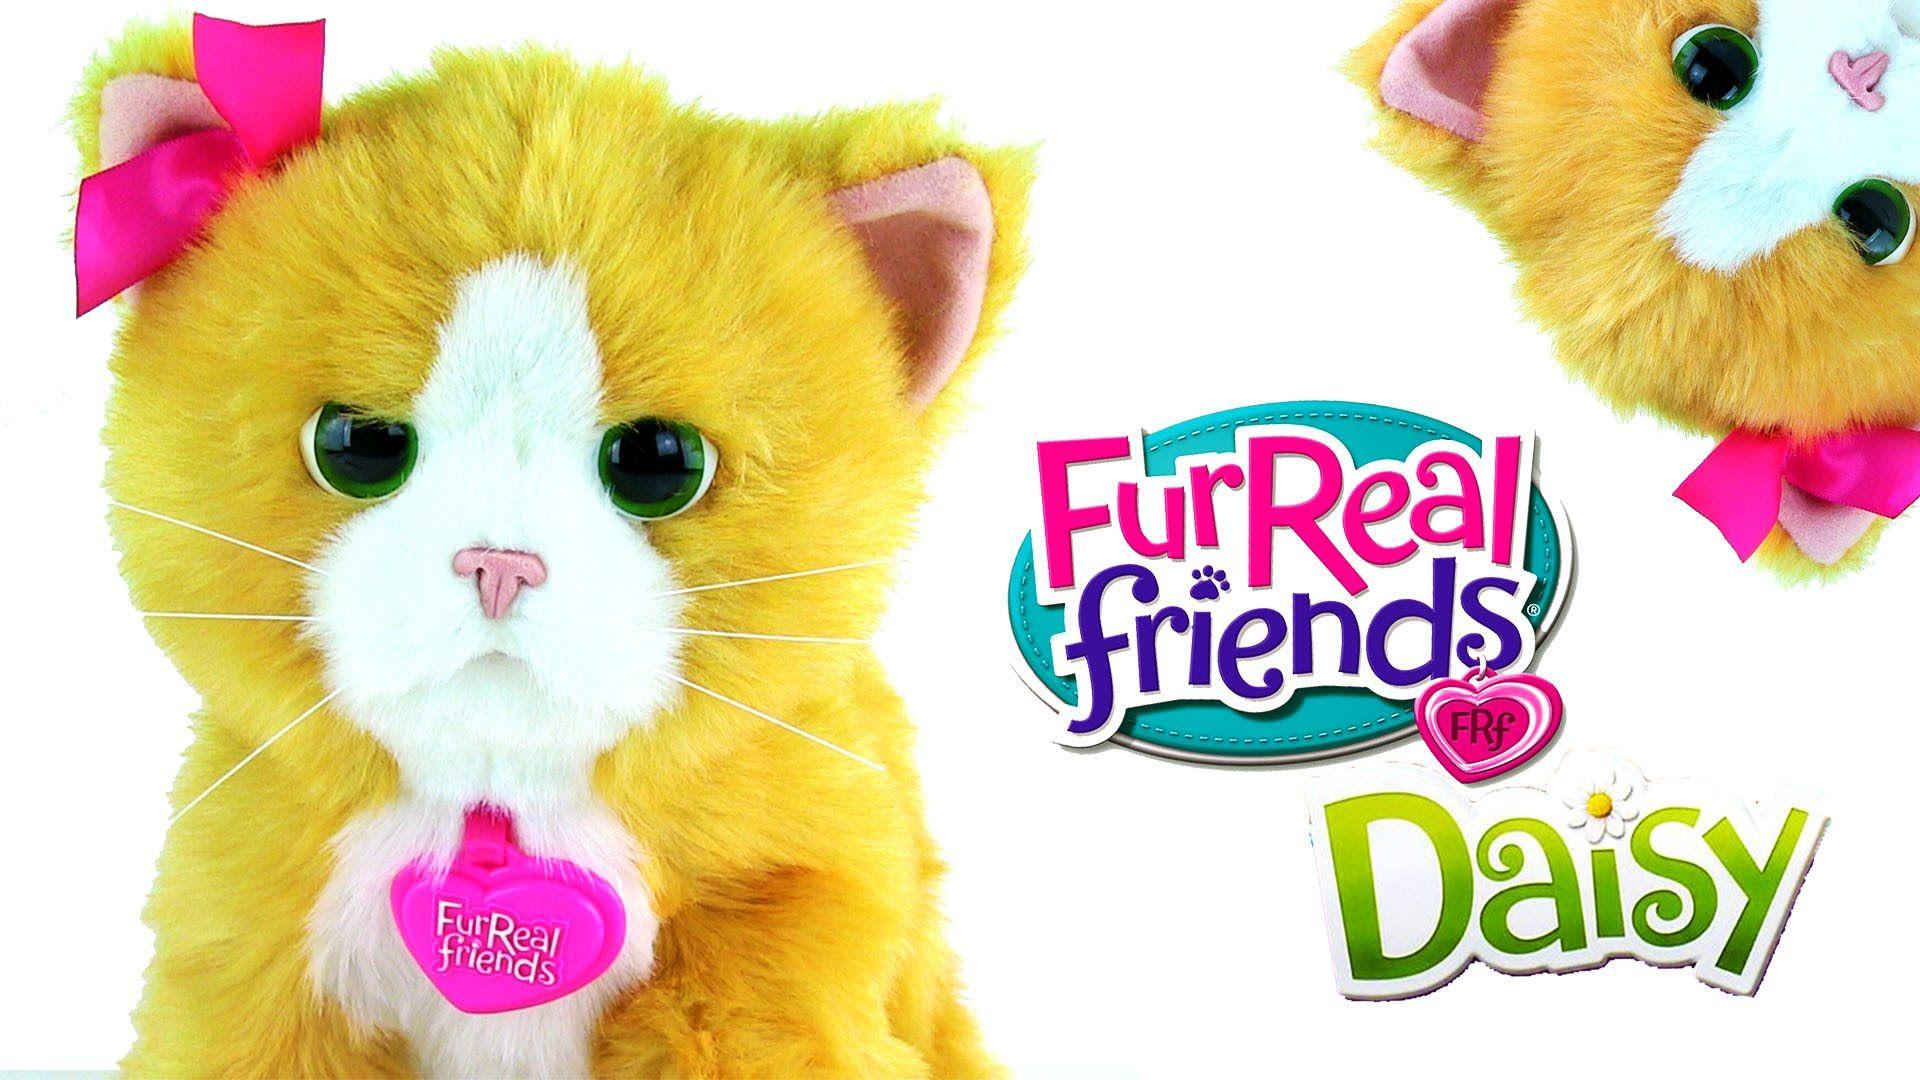 Furreal Friends Oyuncu Kedicik Daisy Kedicik Oyuncak Toys